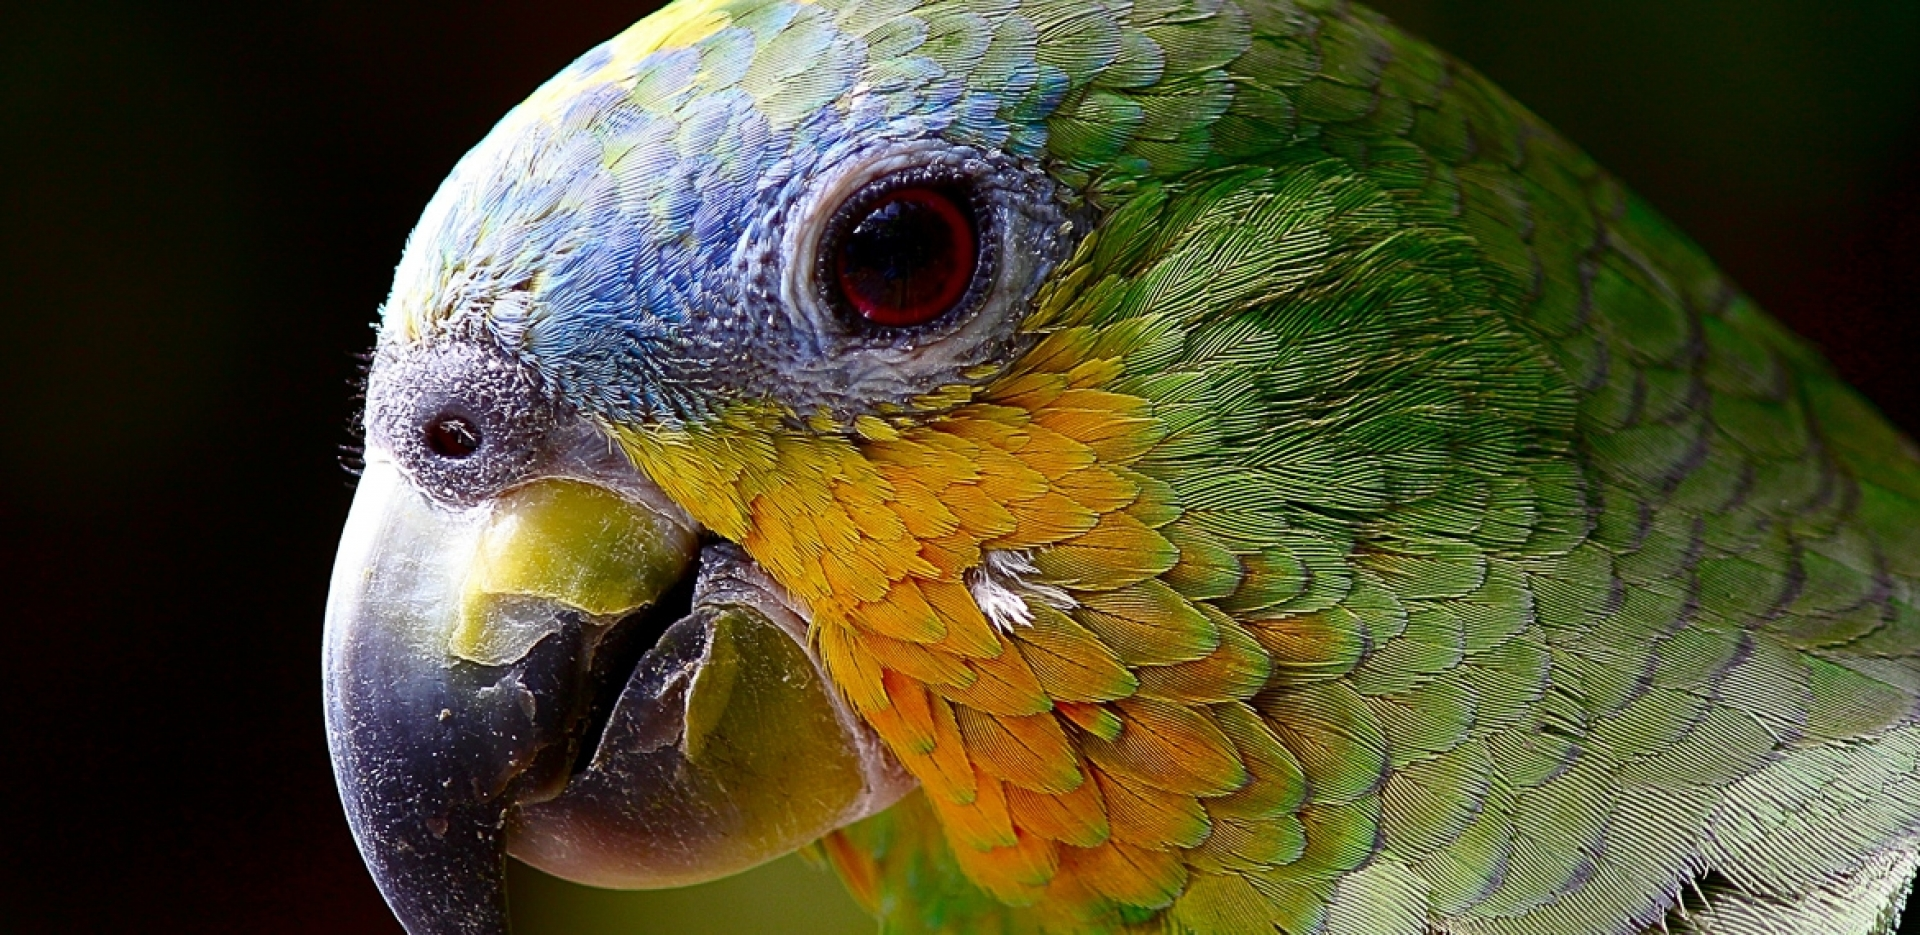 Canon Foto Vogelpark Walsrode - Schwerpunkt Autofokussystem - Canon Academy